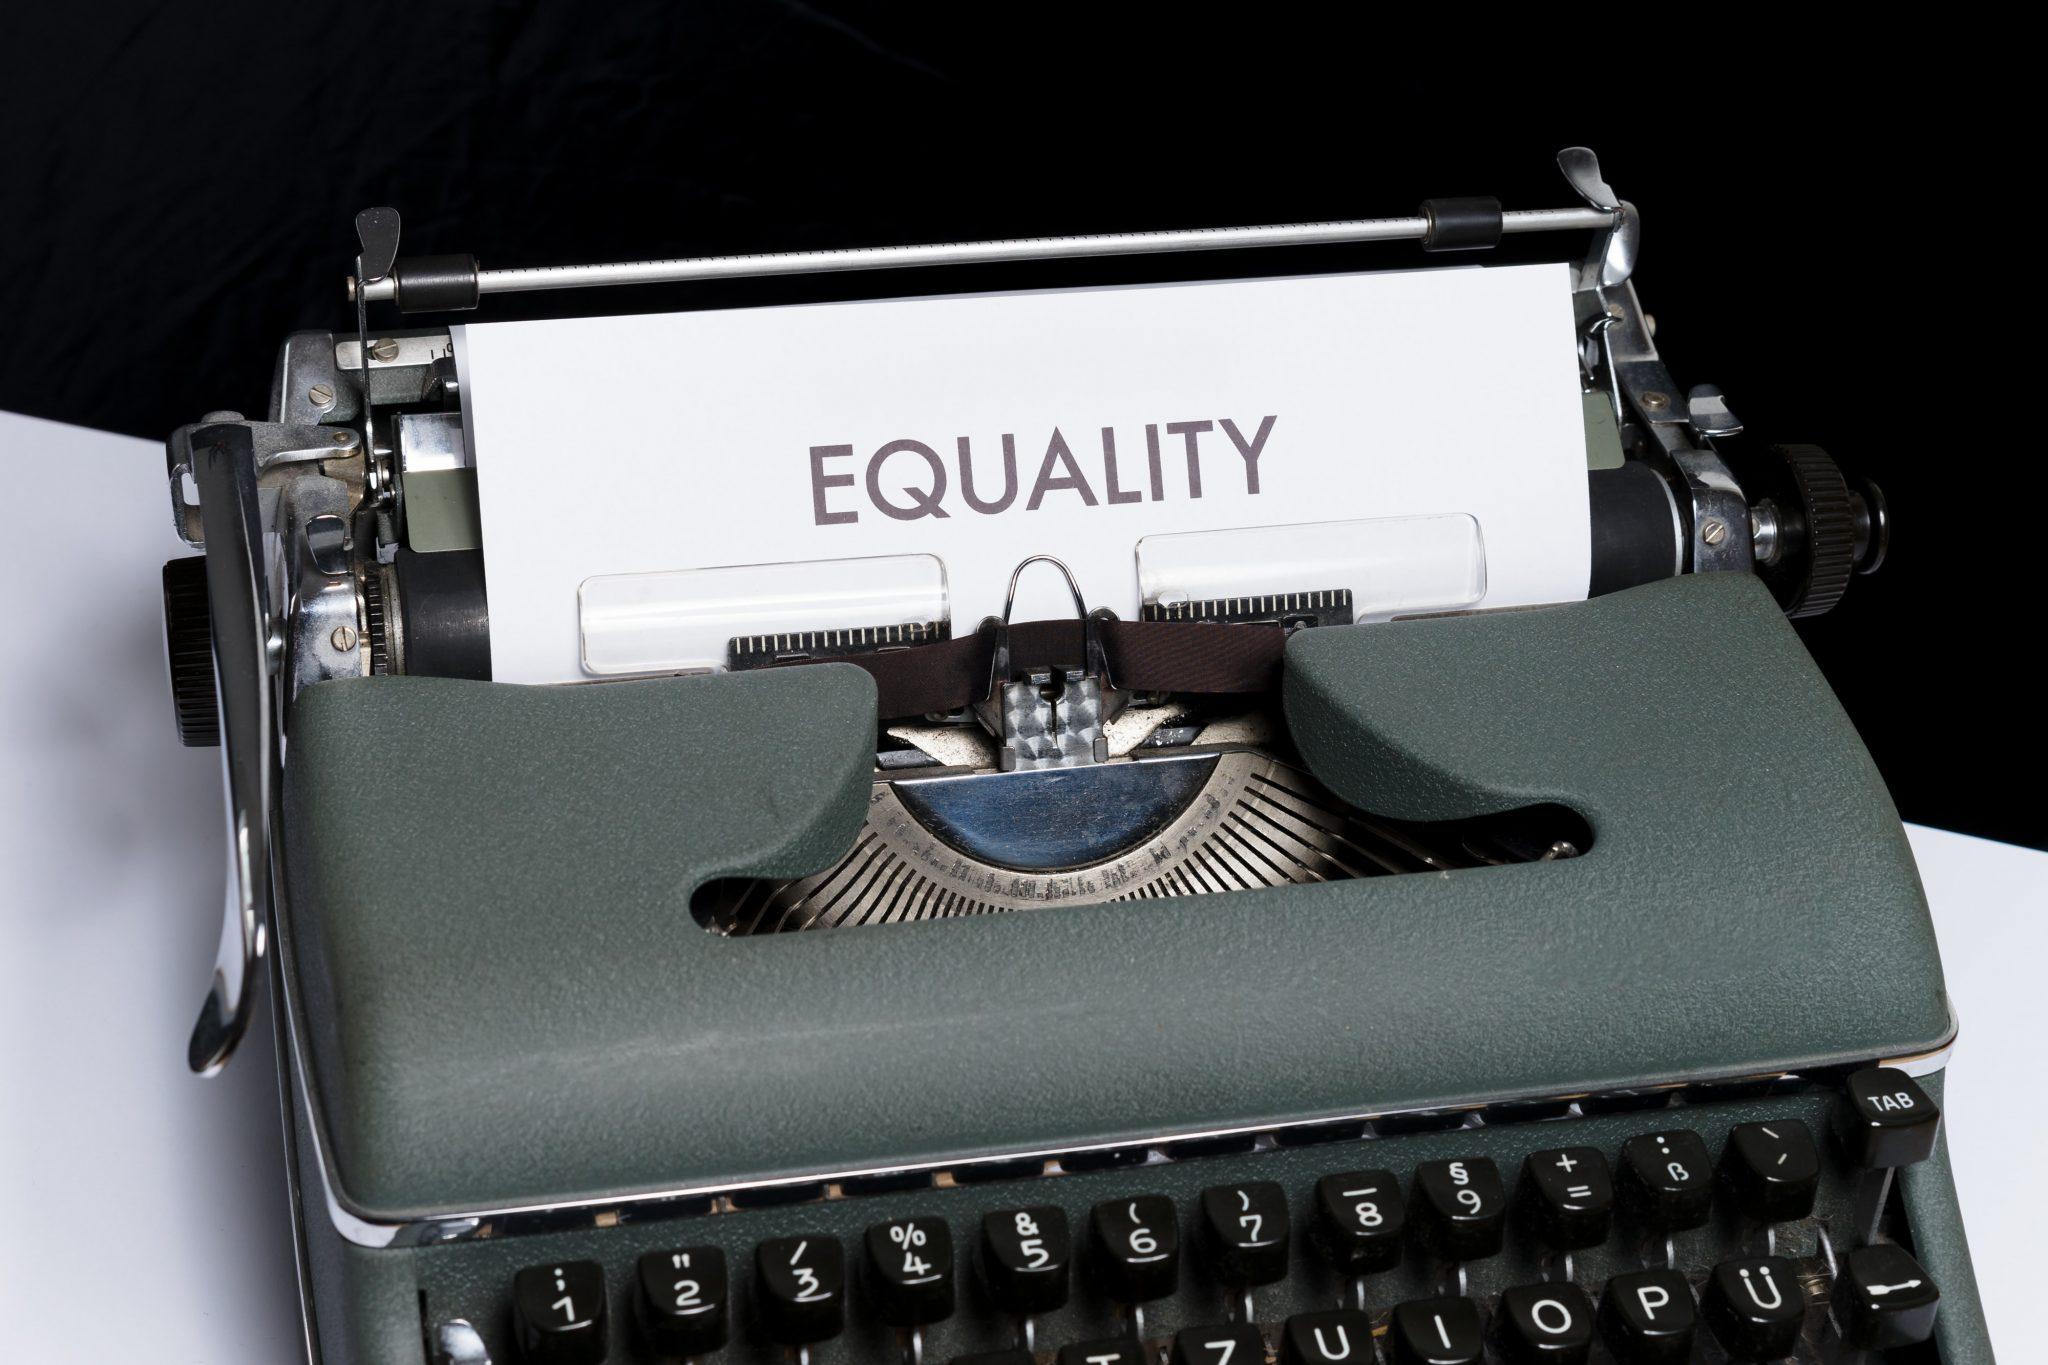 gender equality dpg